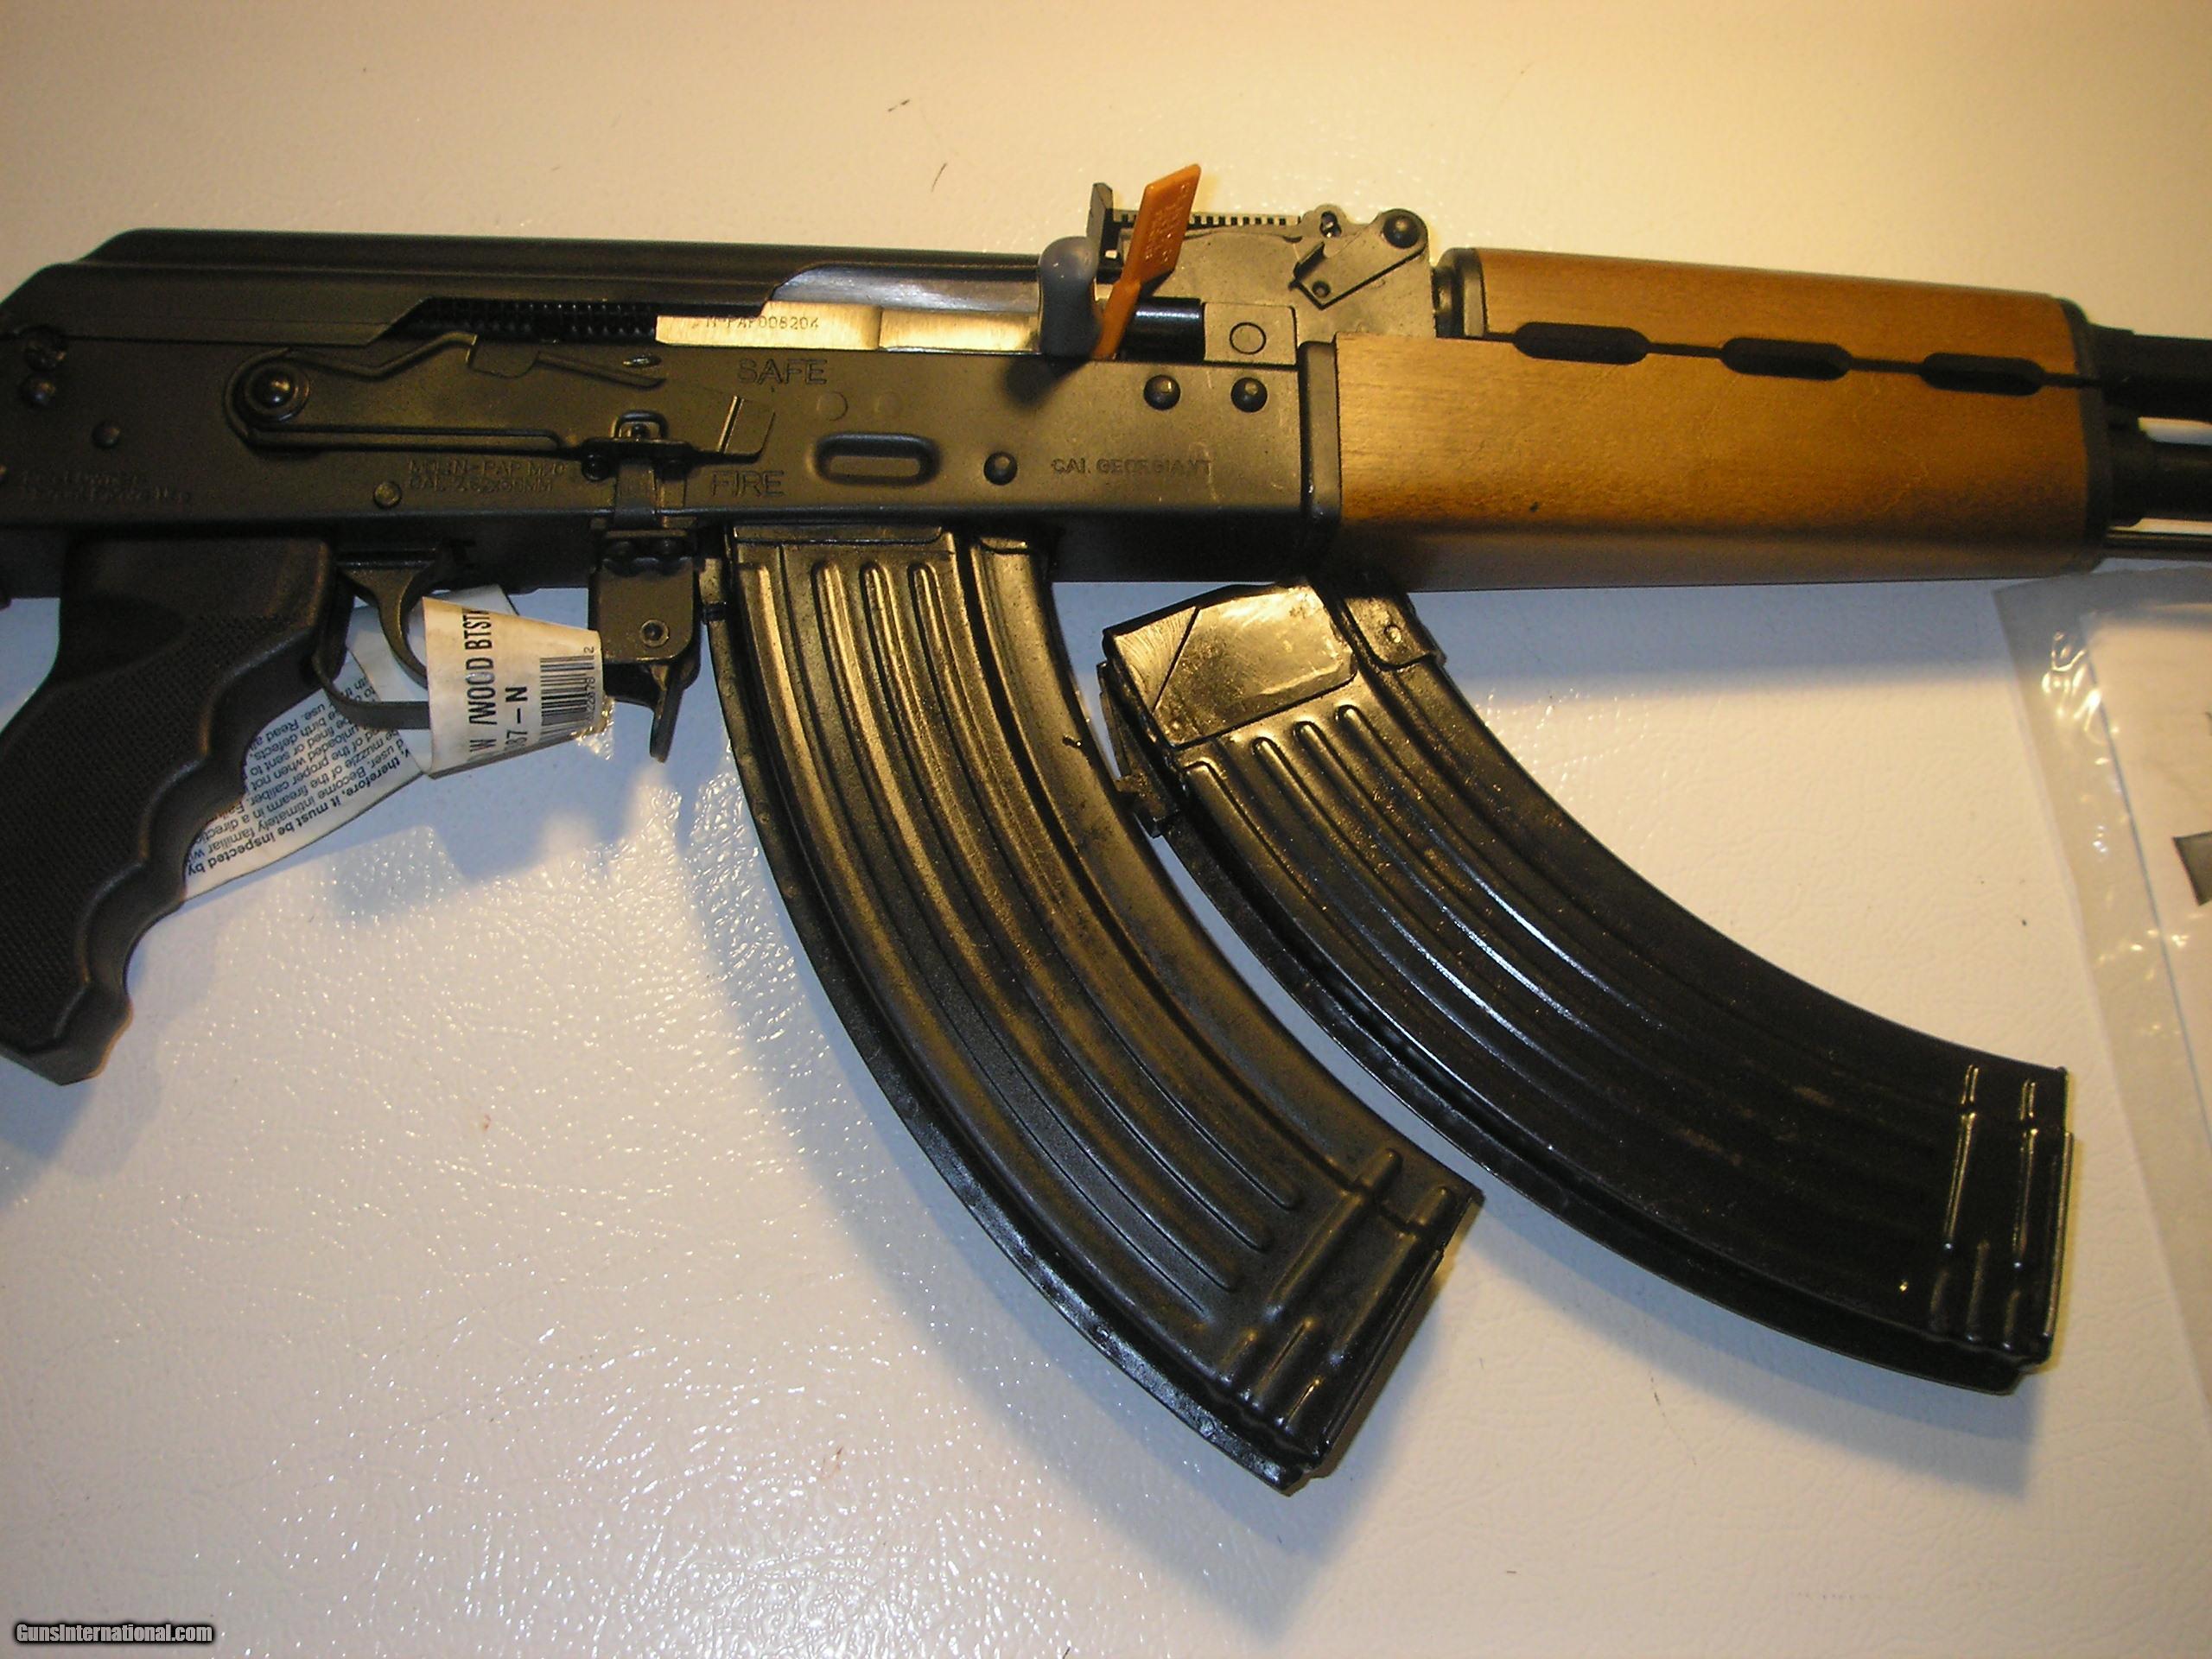 AK-47 CENTURY, N- PAP-M70, 7 62 x 39, 2 - 30 ROUND MAG ONE